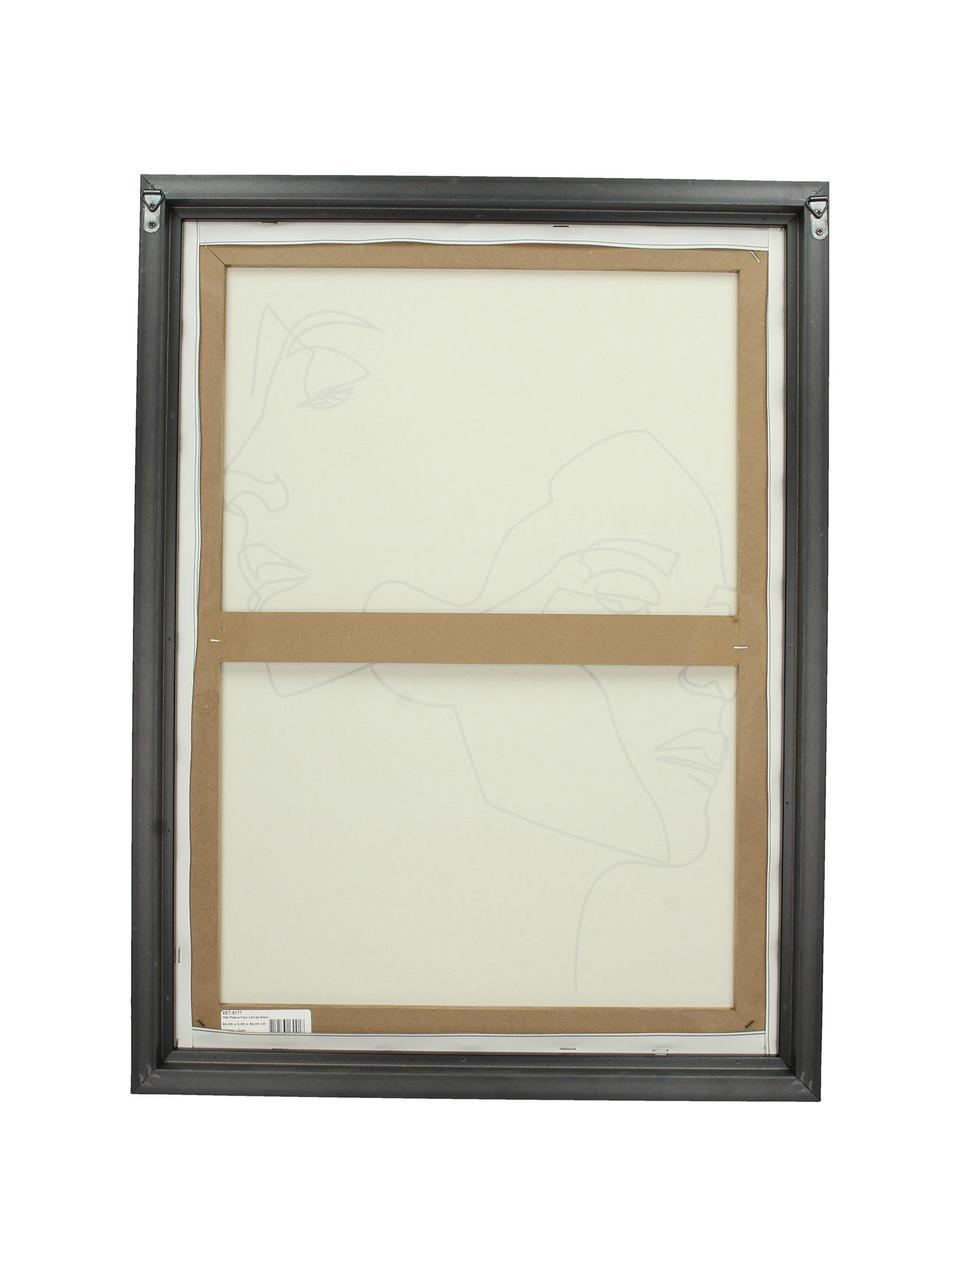 Gerahmter Leinwanddruck Opal, Rahmen: Kunststoff, Bild: Digitaldruck auf Leinen, Weiß, Schwarz, 45 x 60 cm